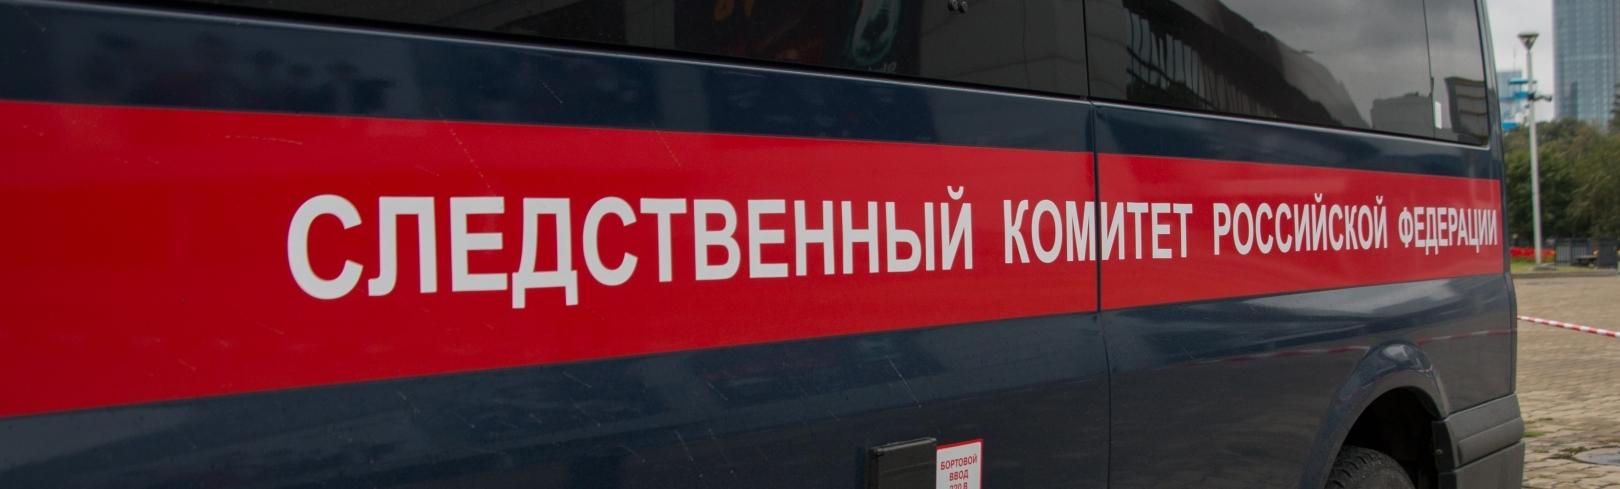 -Новость  сибирский информационный портал 02 Июнь